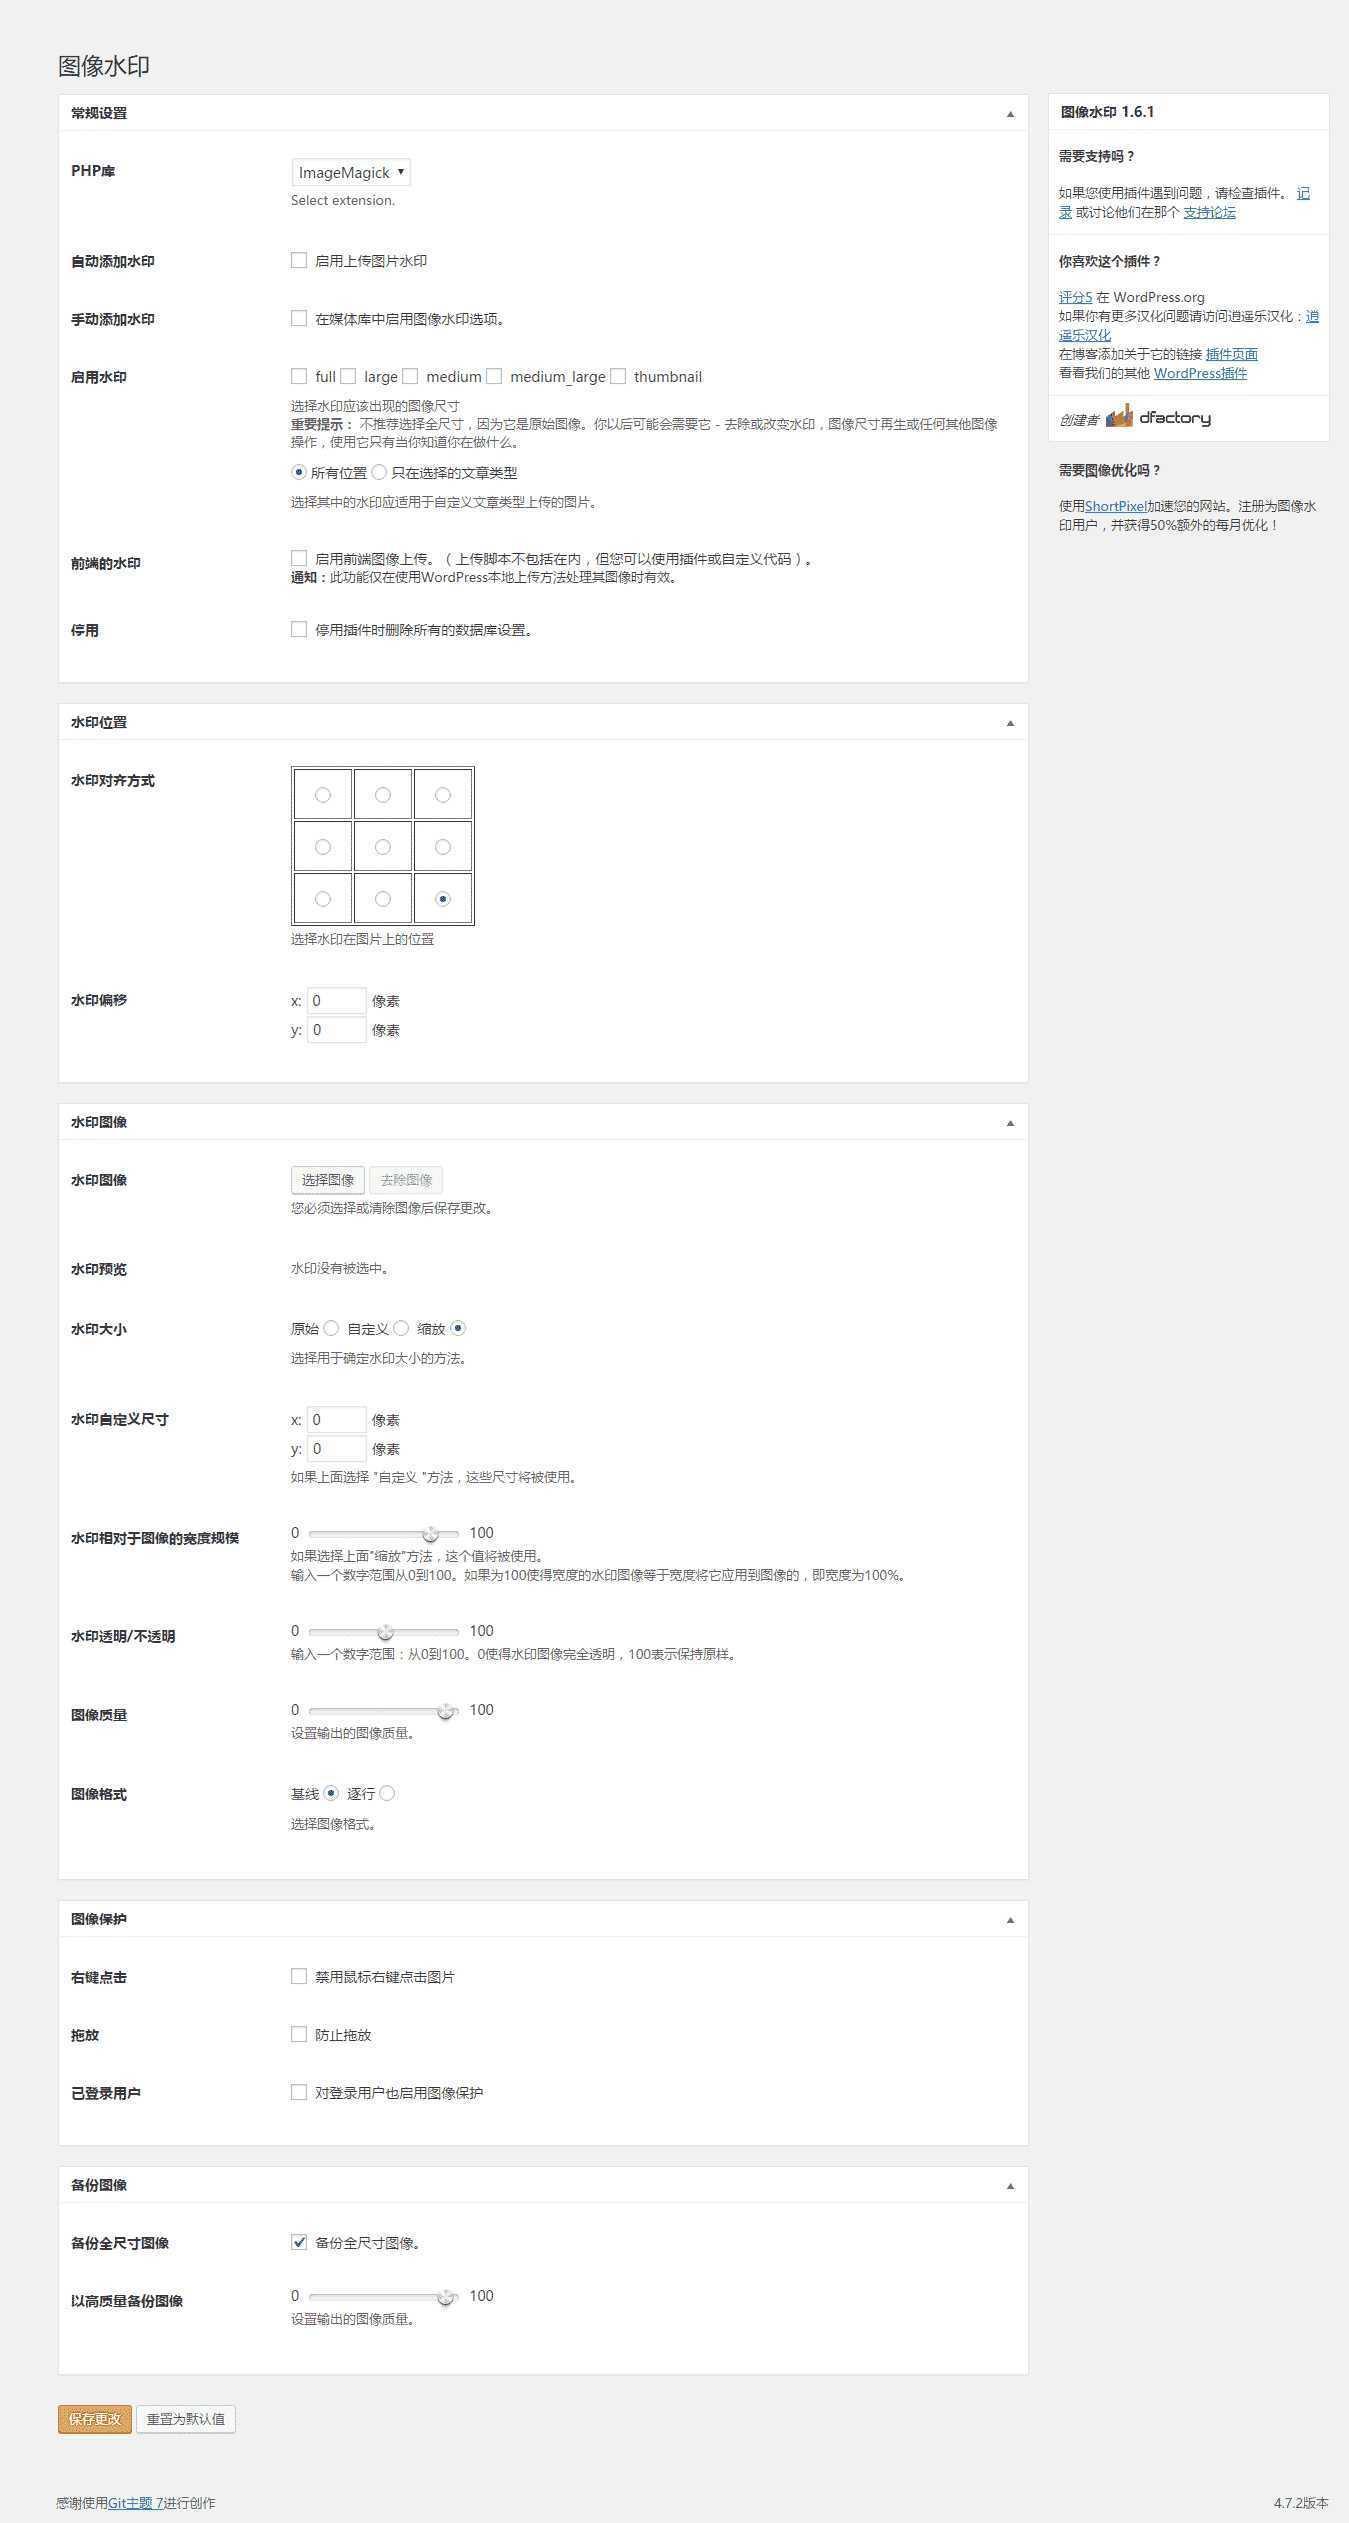 [插件]图像水印插件最新汉化版v1.6.1